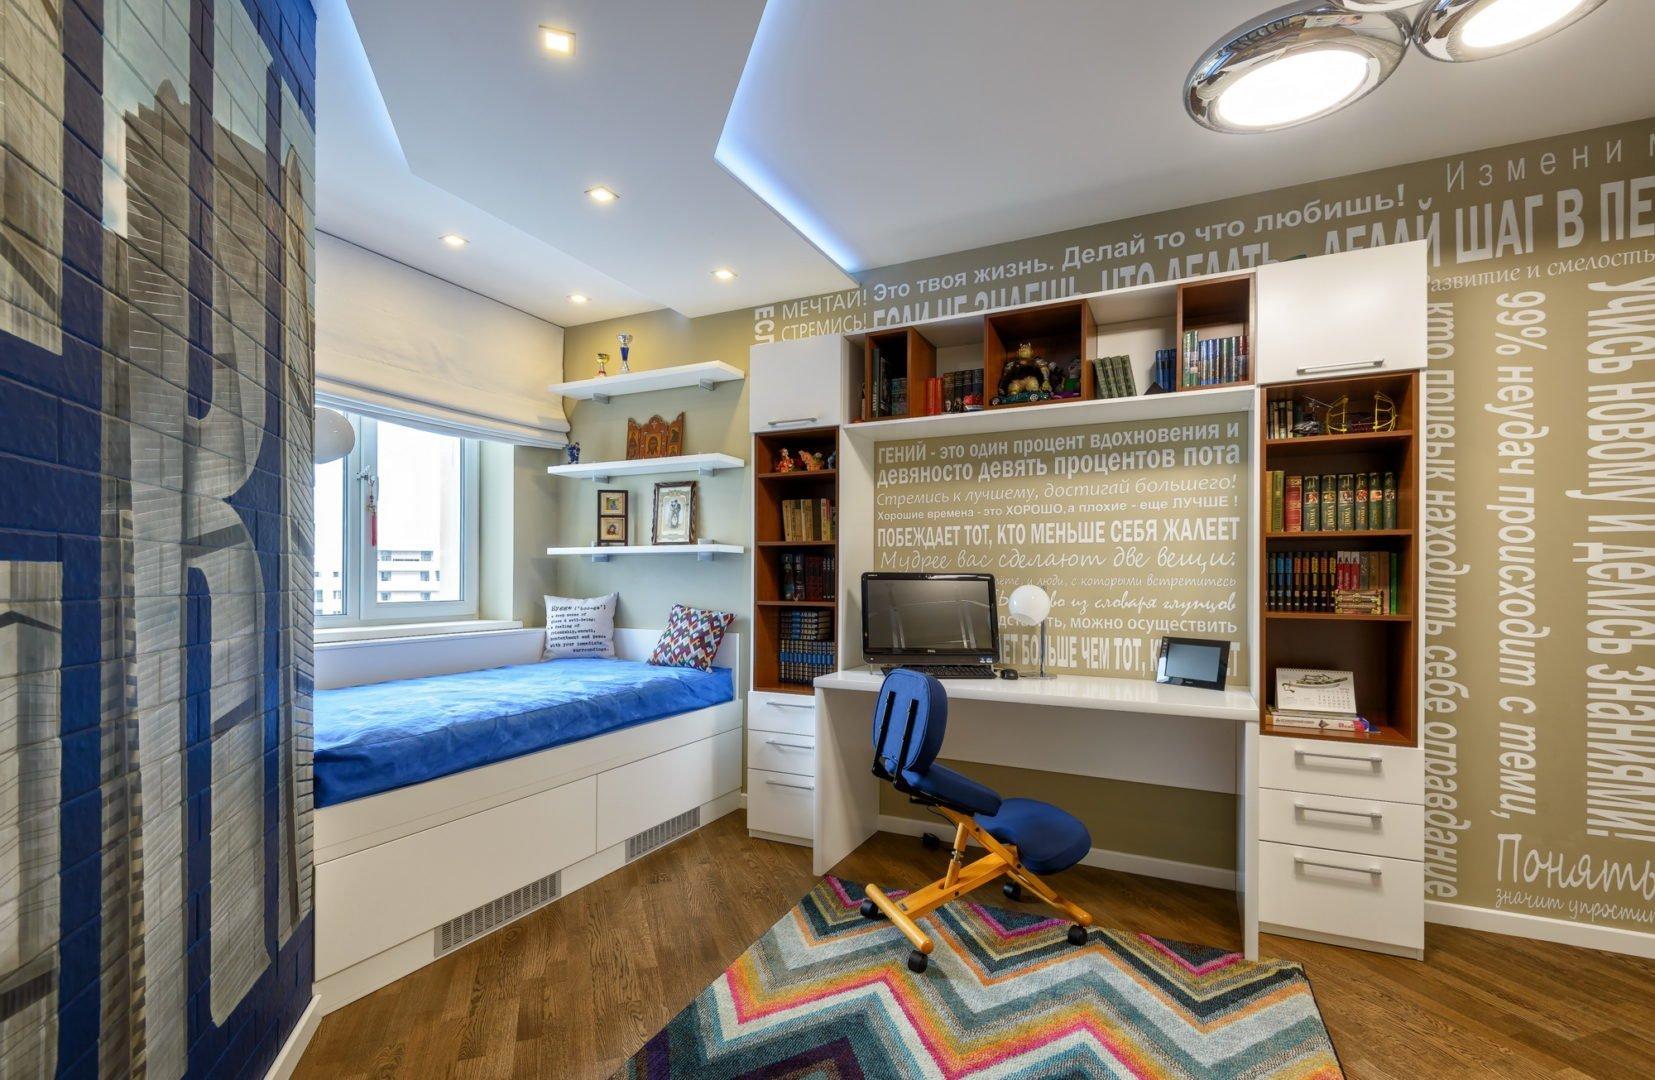 Подбор мебели для детской комнаты исходя из возраста ребенка